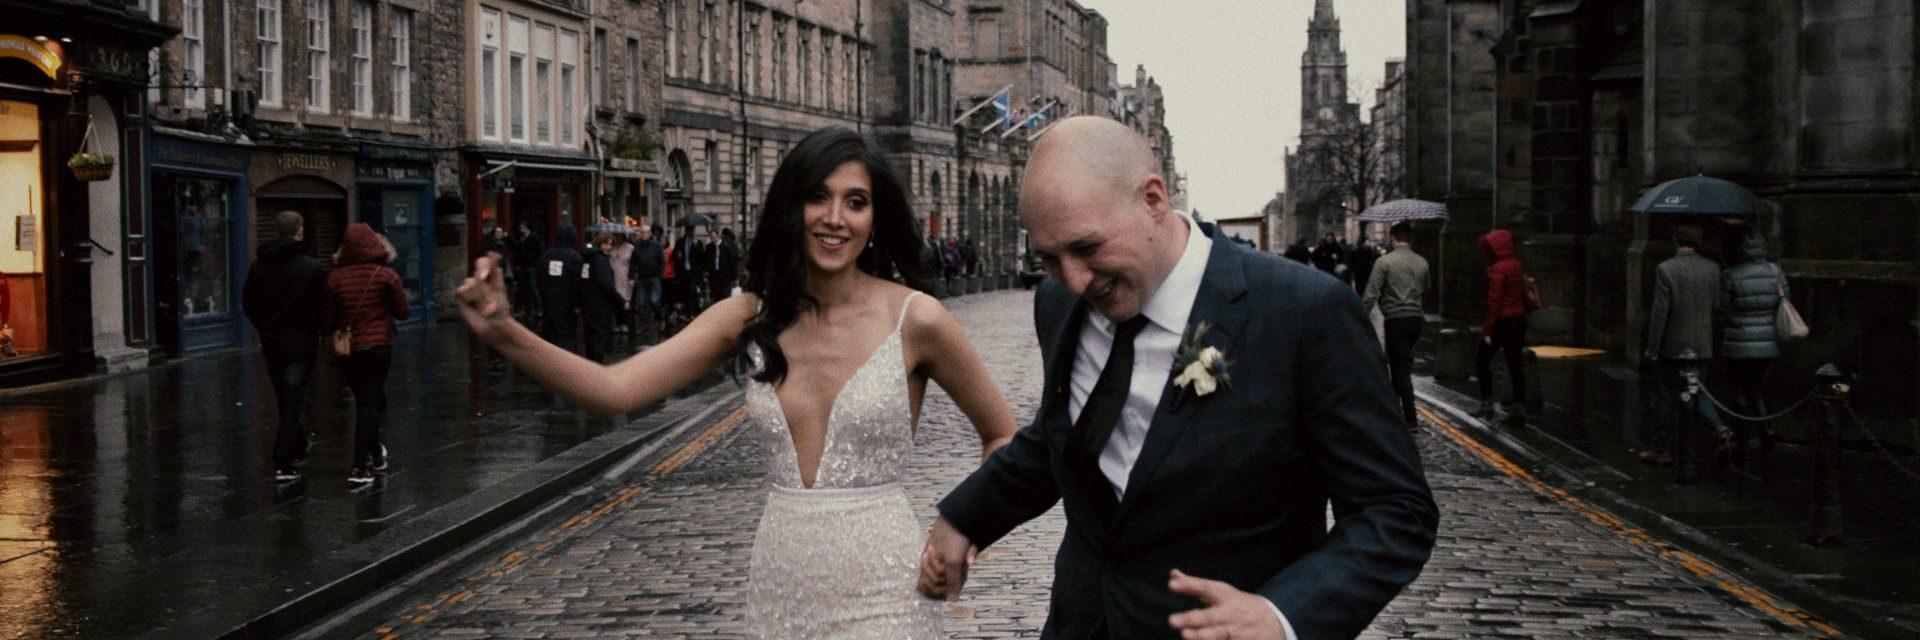 dunskey-estate-wedding-films-cinemate-films-04